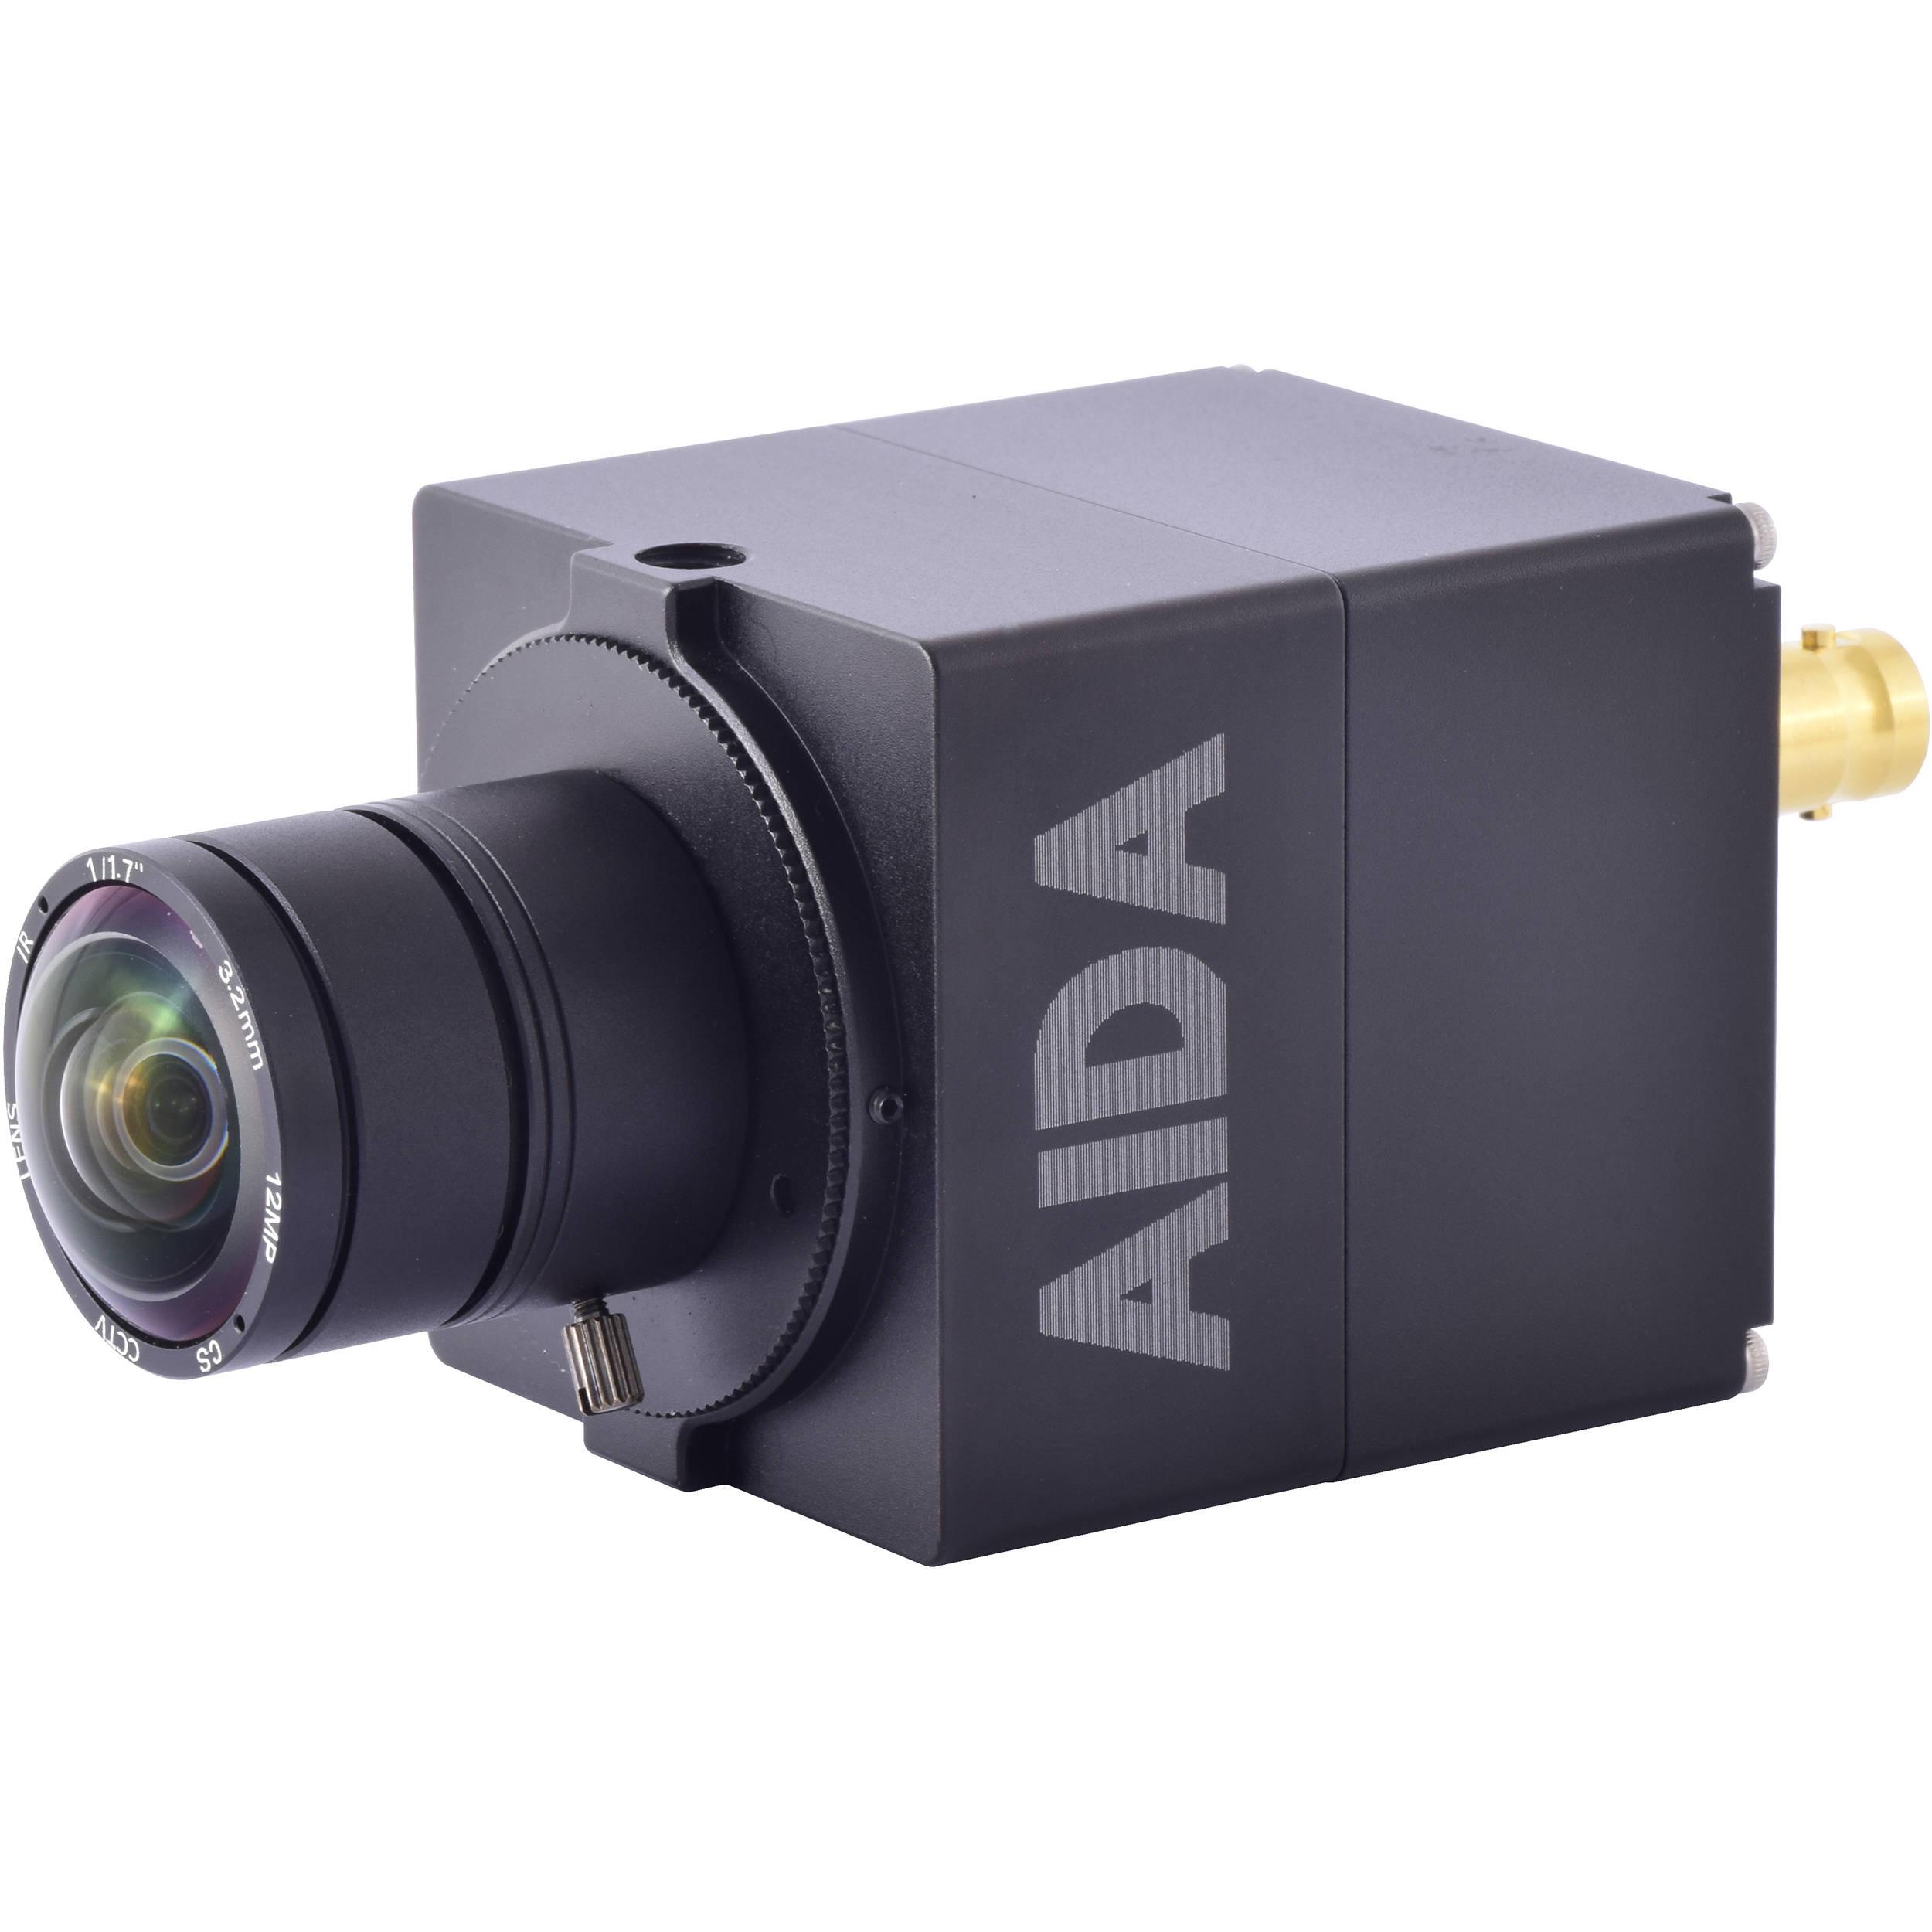 AIDA Imaging UHD 4K/30 6G-SDI EFP/POV Camera UHD6G-200 B&H Photo